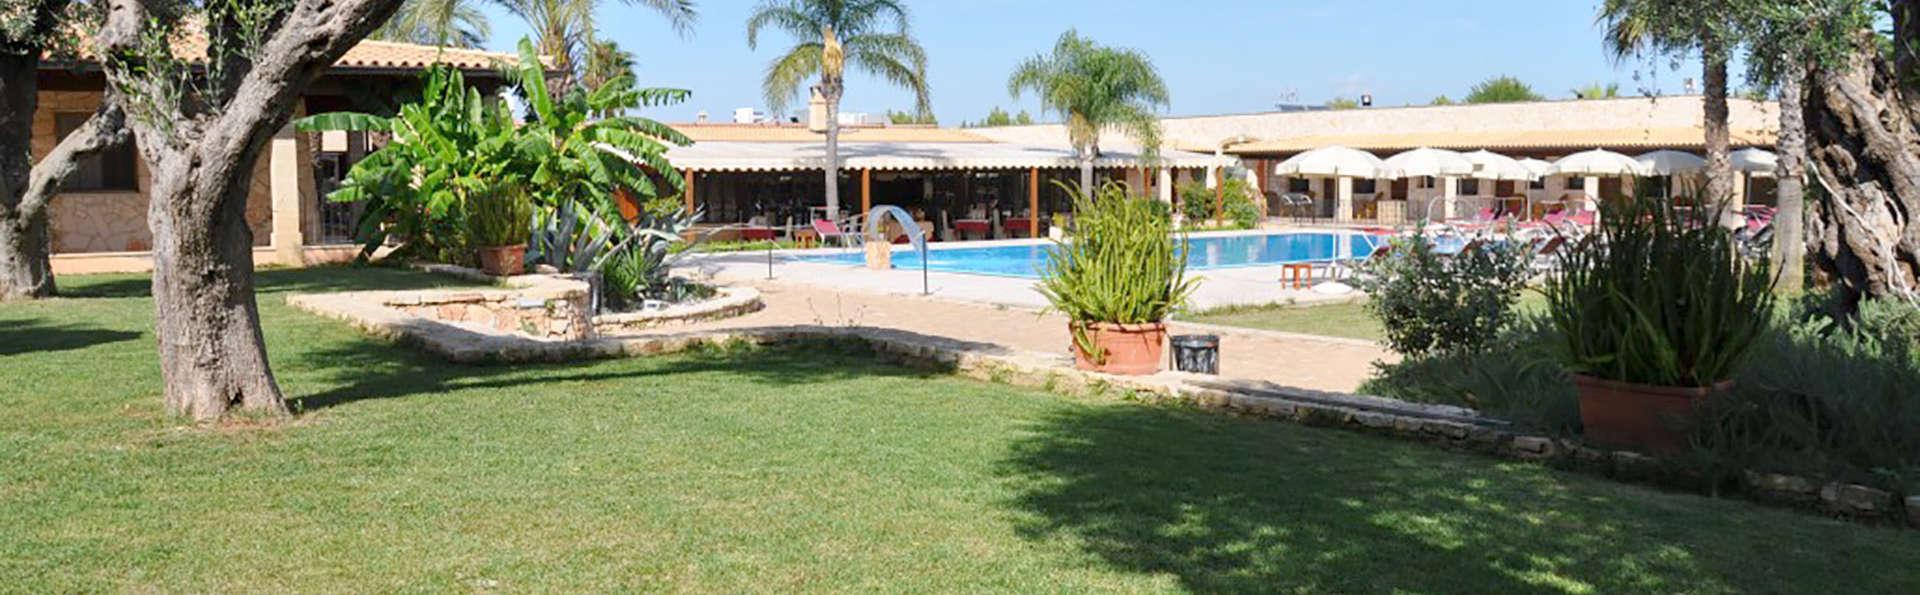 Giorni di relax nella romantica Puglia vicino a Leuca